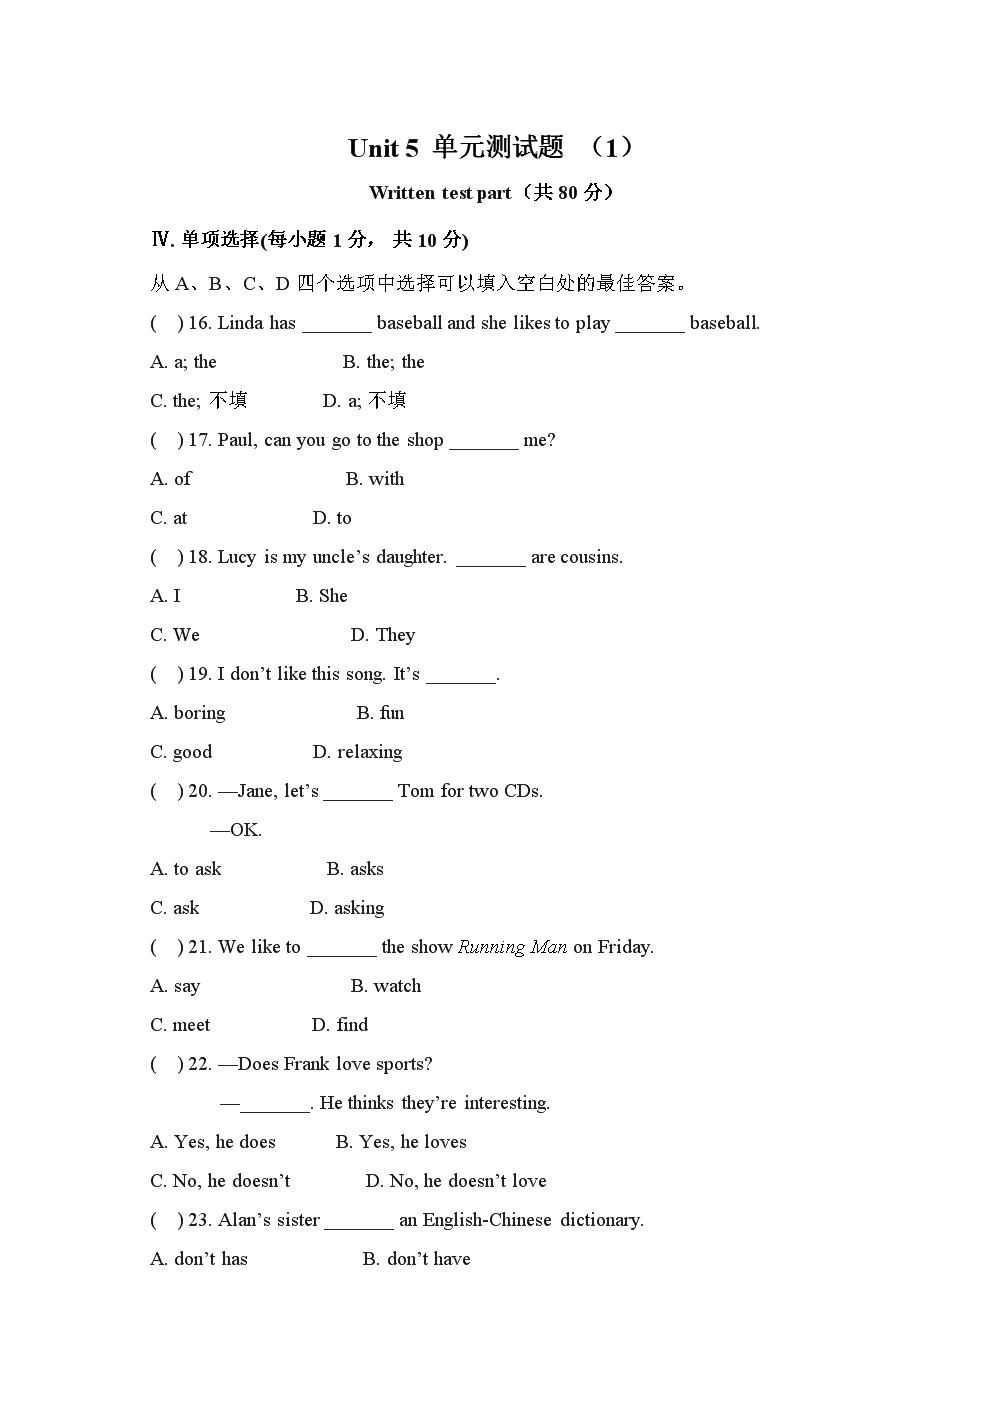 人教版新目标七年级英语上册Unit 5 Do you have a soccer ball单元测试题2套(附答案).doc